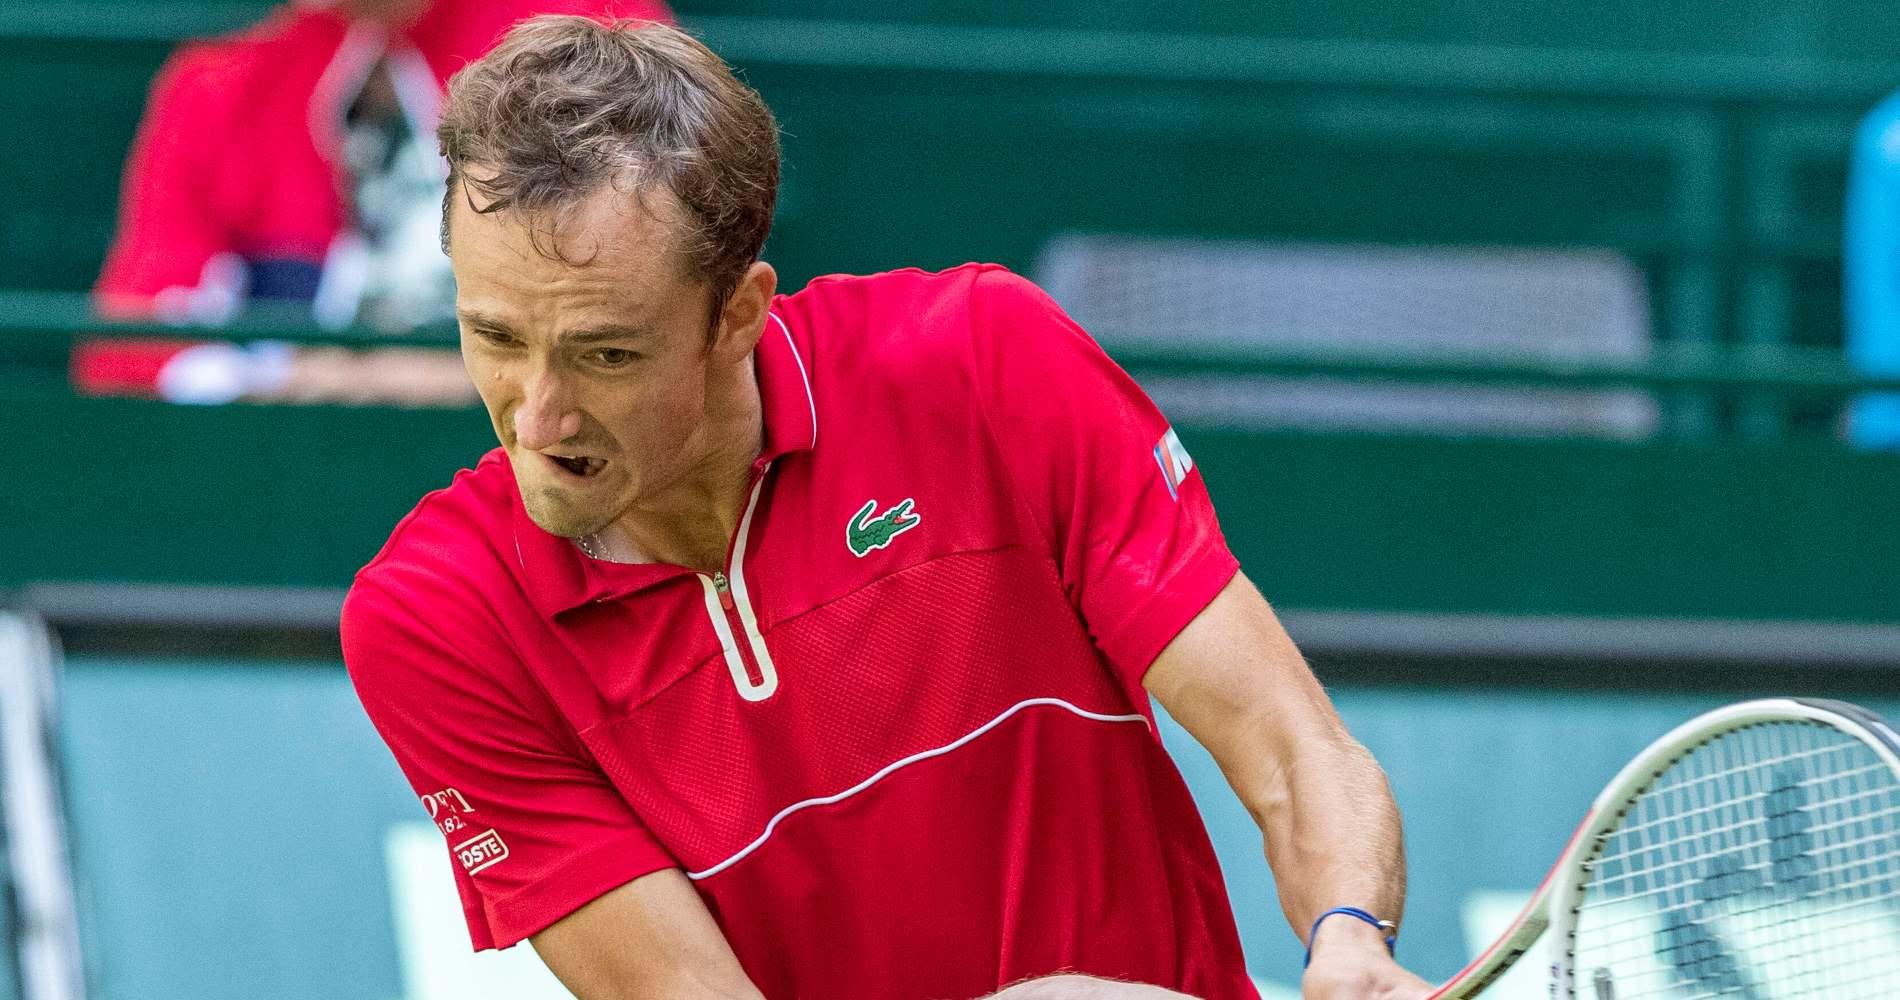 Daniil Medvedev at Halle in 2021